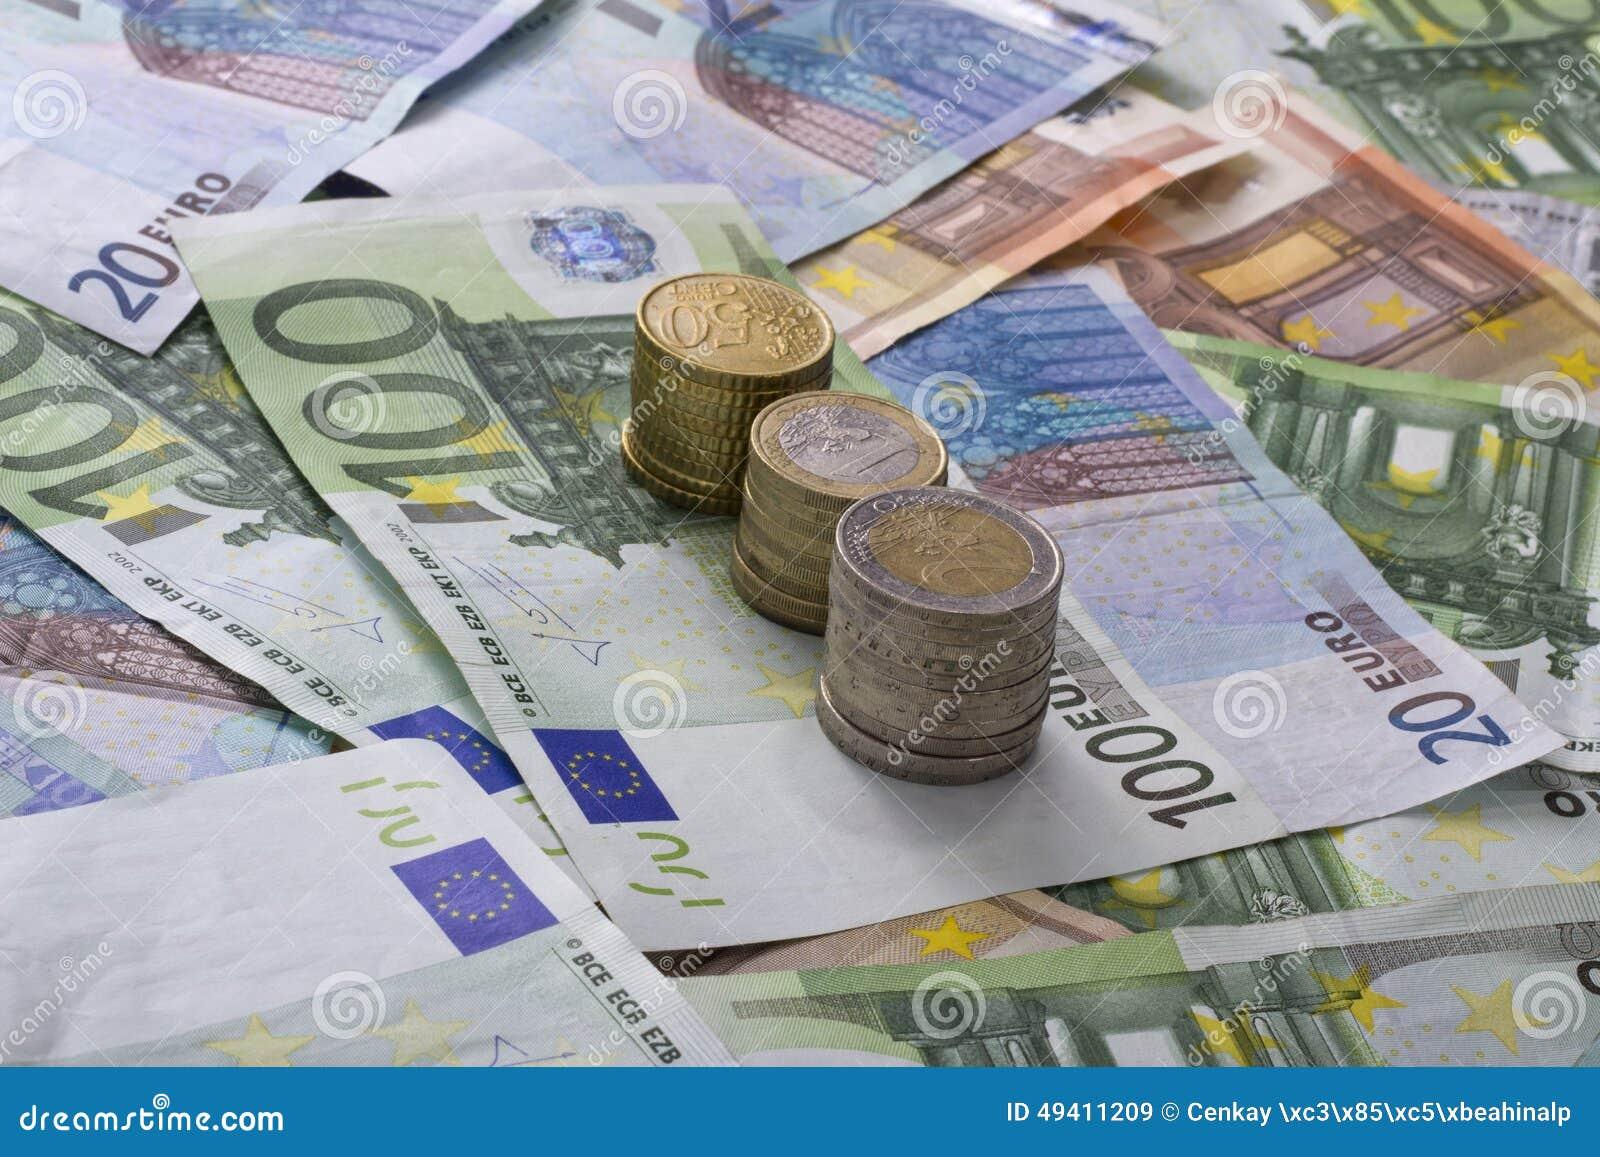 Download Eurobanknoten über Weiß stockbild. Bild von banknote - 49411209